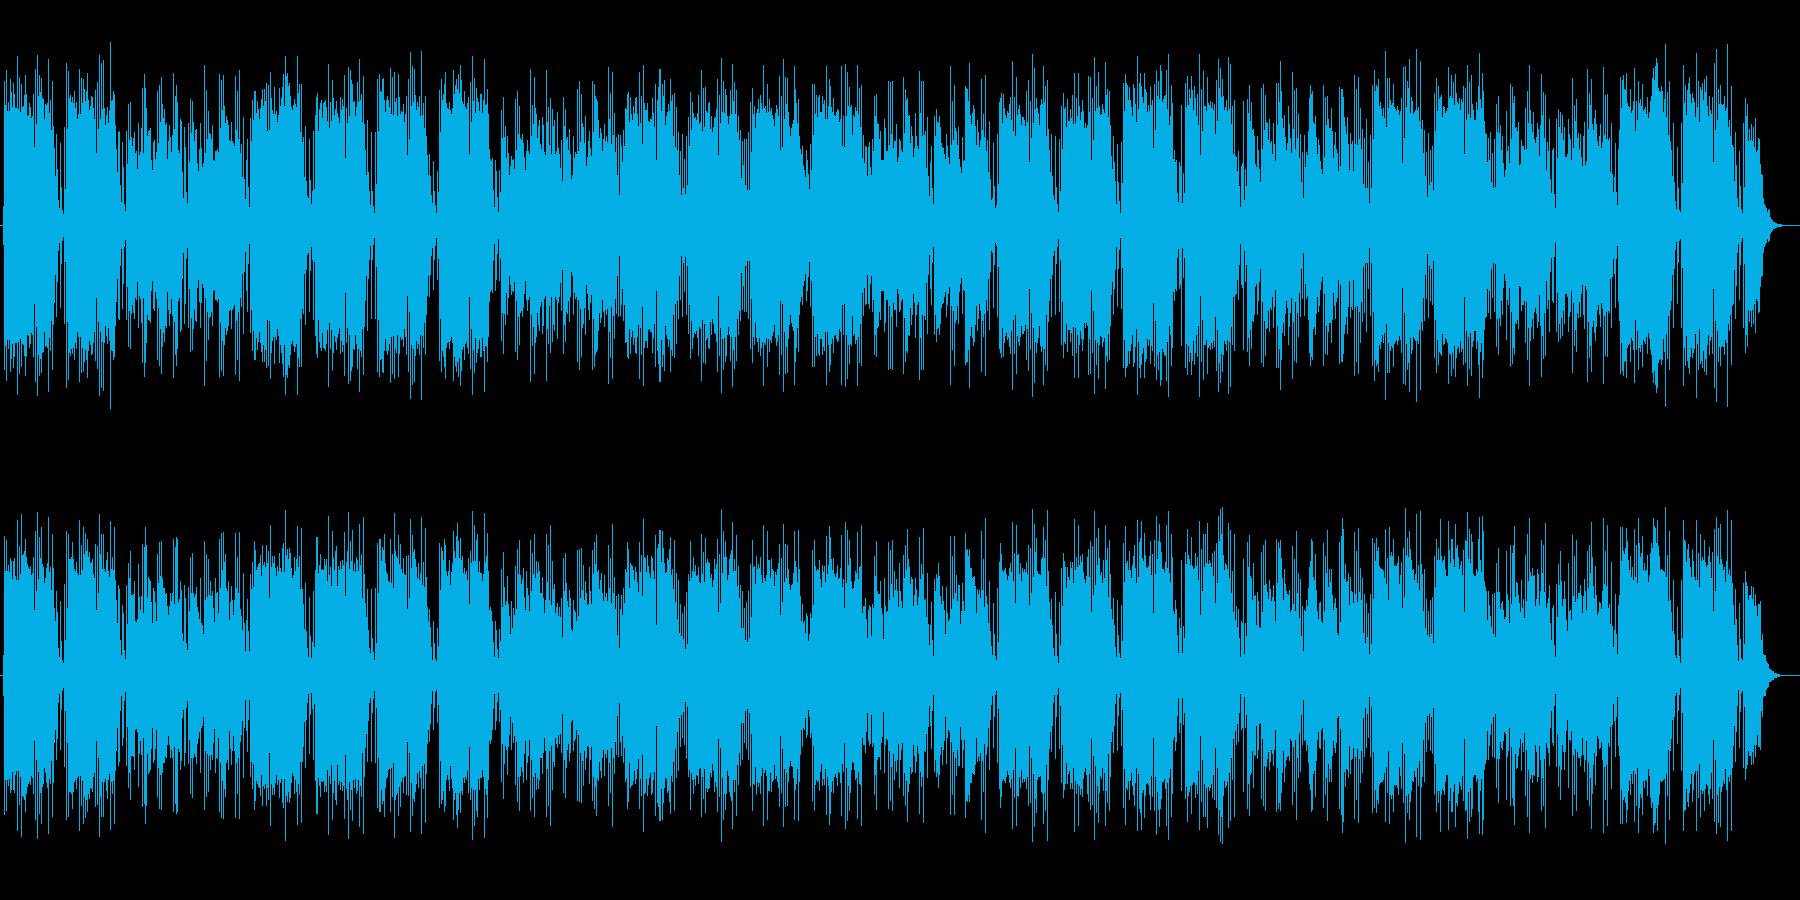 幻想的で不思議なミュージックの再生済みの波形